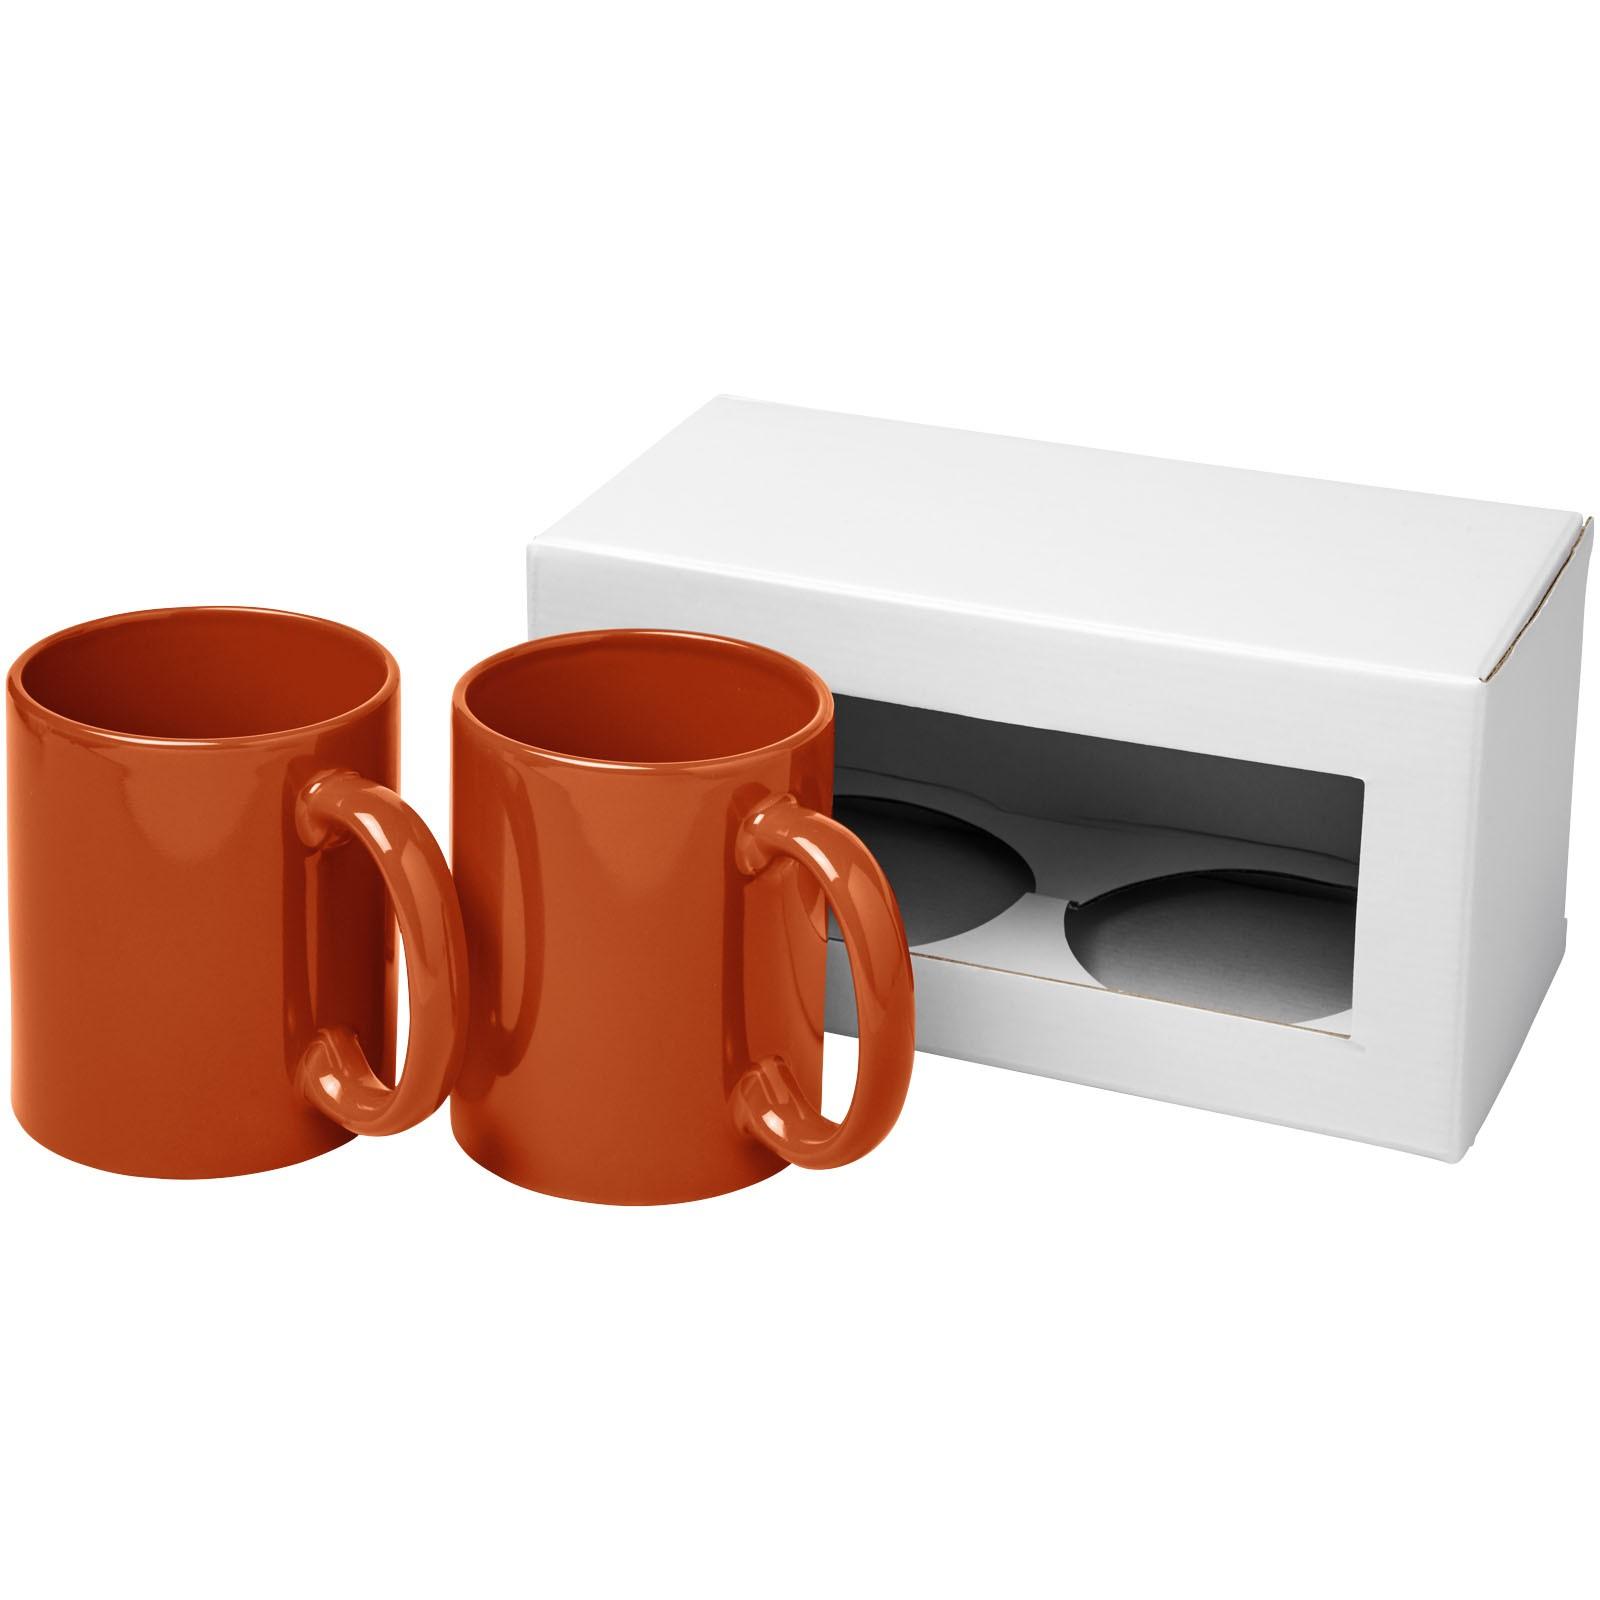 Ceramic Geschenkset mit 2 Bechern - Orange